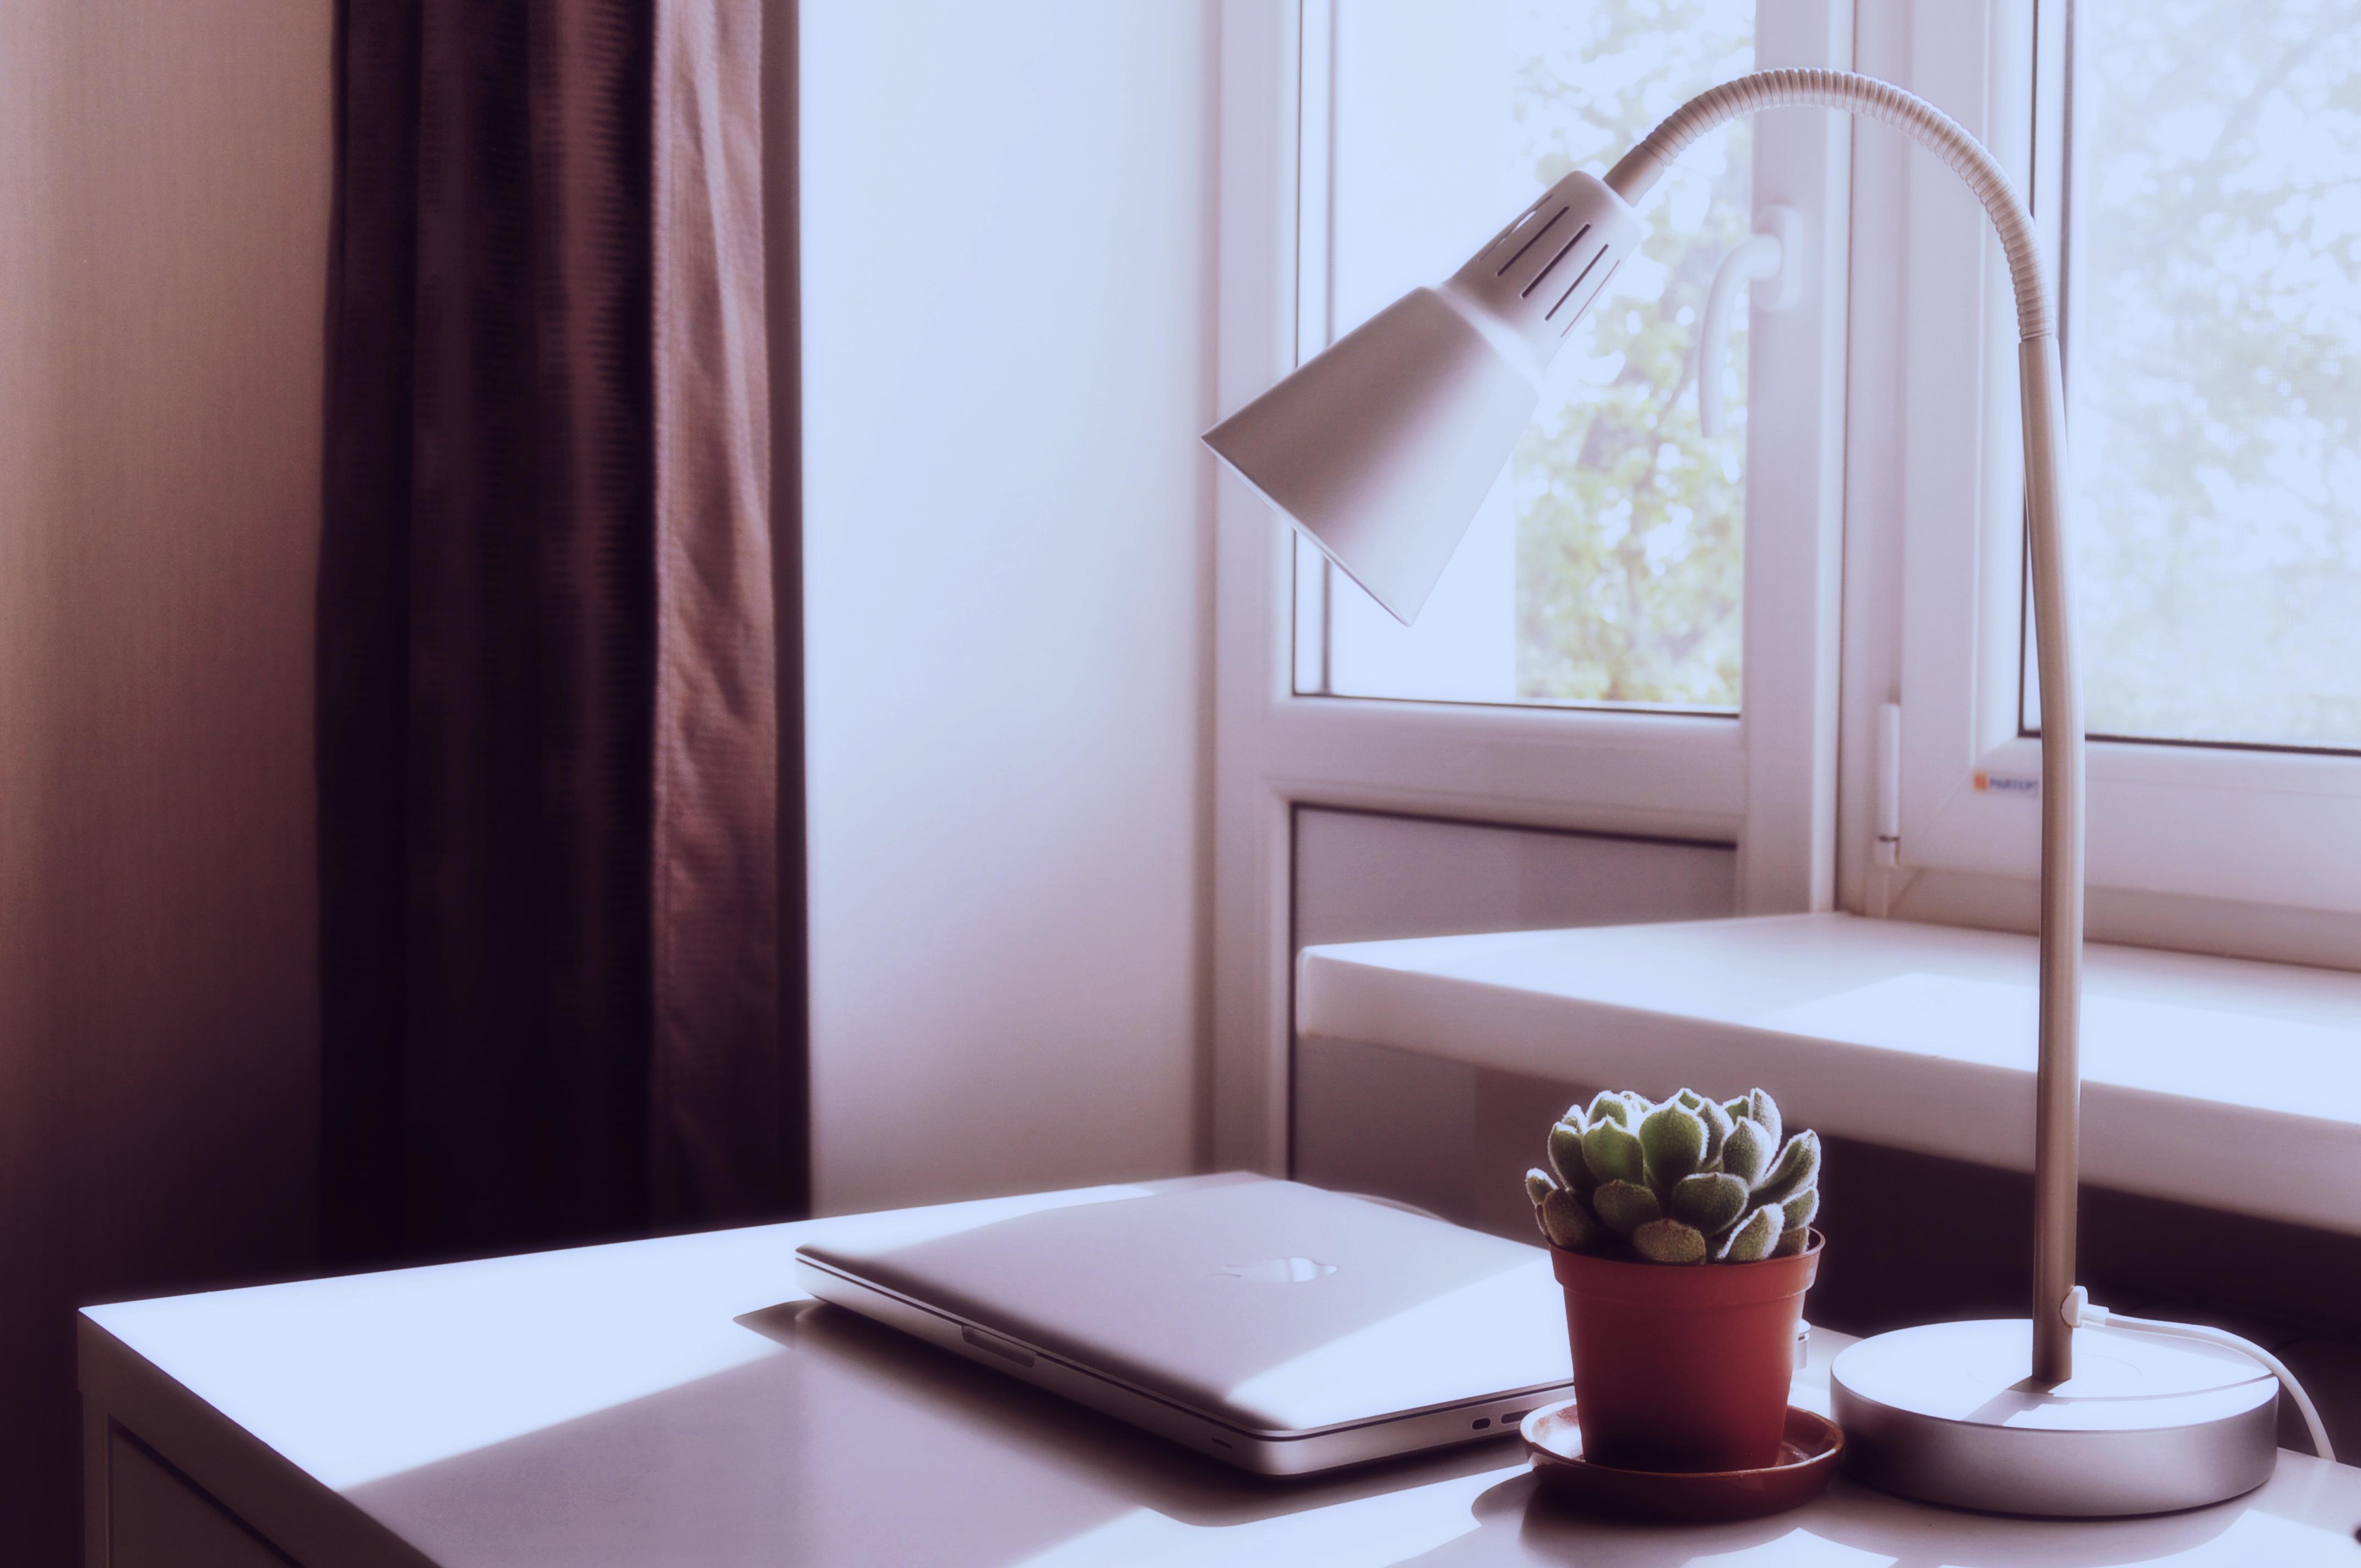 Eine weiße Schreibtischlampe steht vor einem Fenster auf einem Tisch, daneben ein Laptop und eine Pflanze.